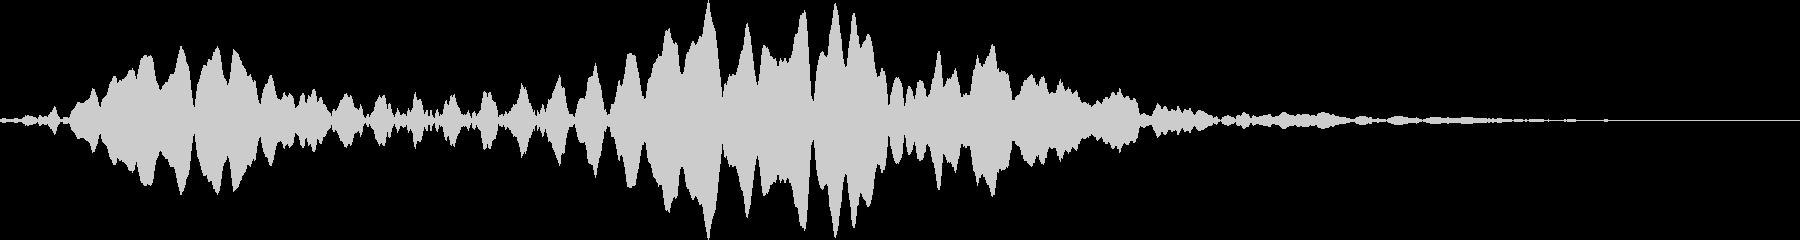 AMGアナログFX52の未再生の波形